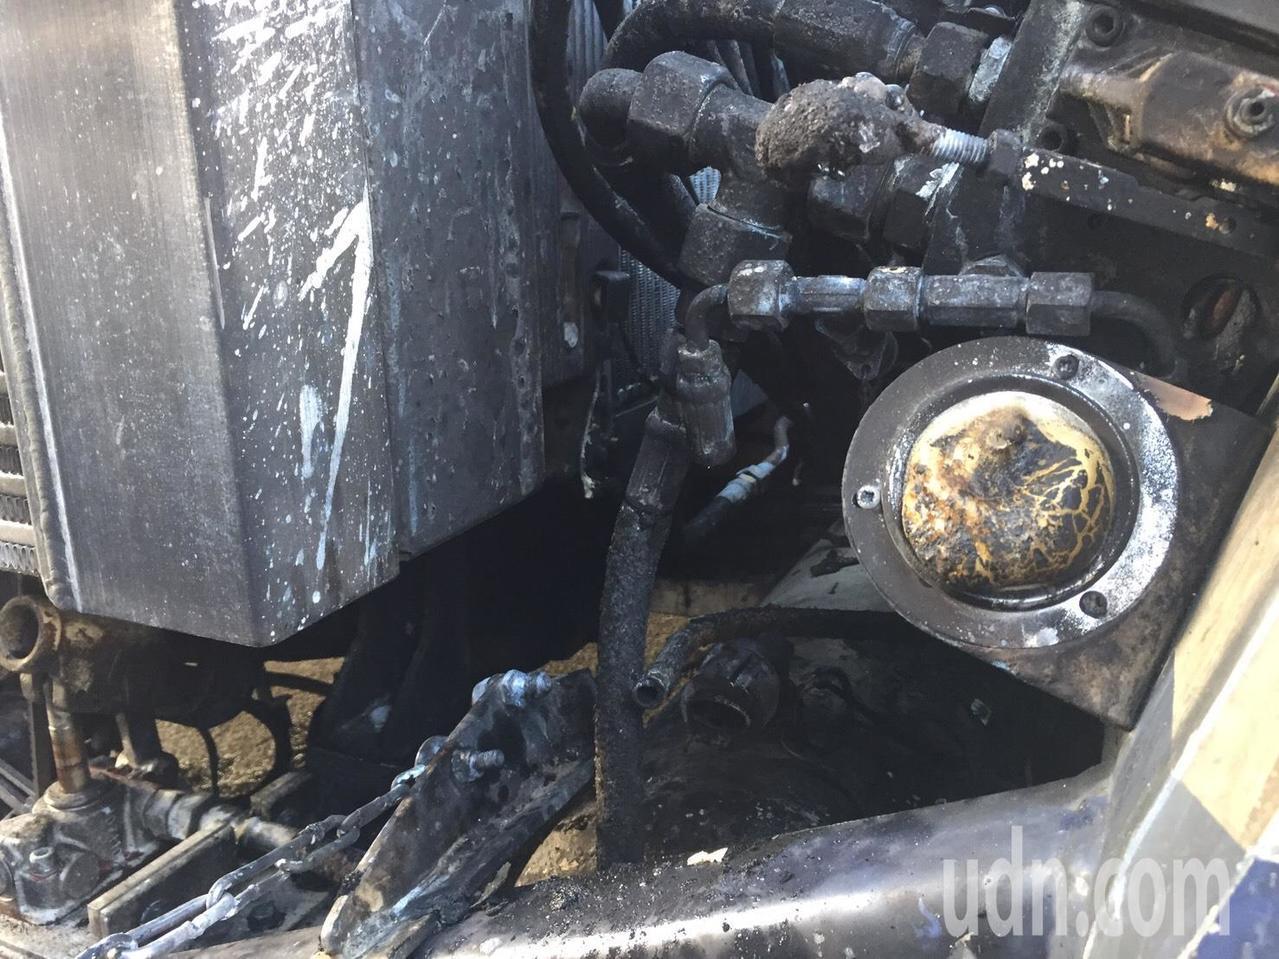 桃園航勤拖車發生液壓油滲漏起火事件,初步檢查疑似液壓油(如圖)滲漏引起,已經對所...